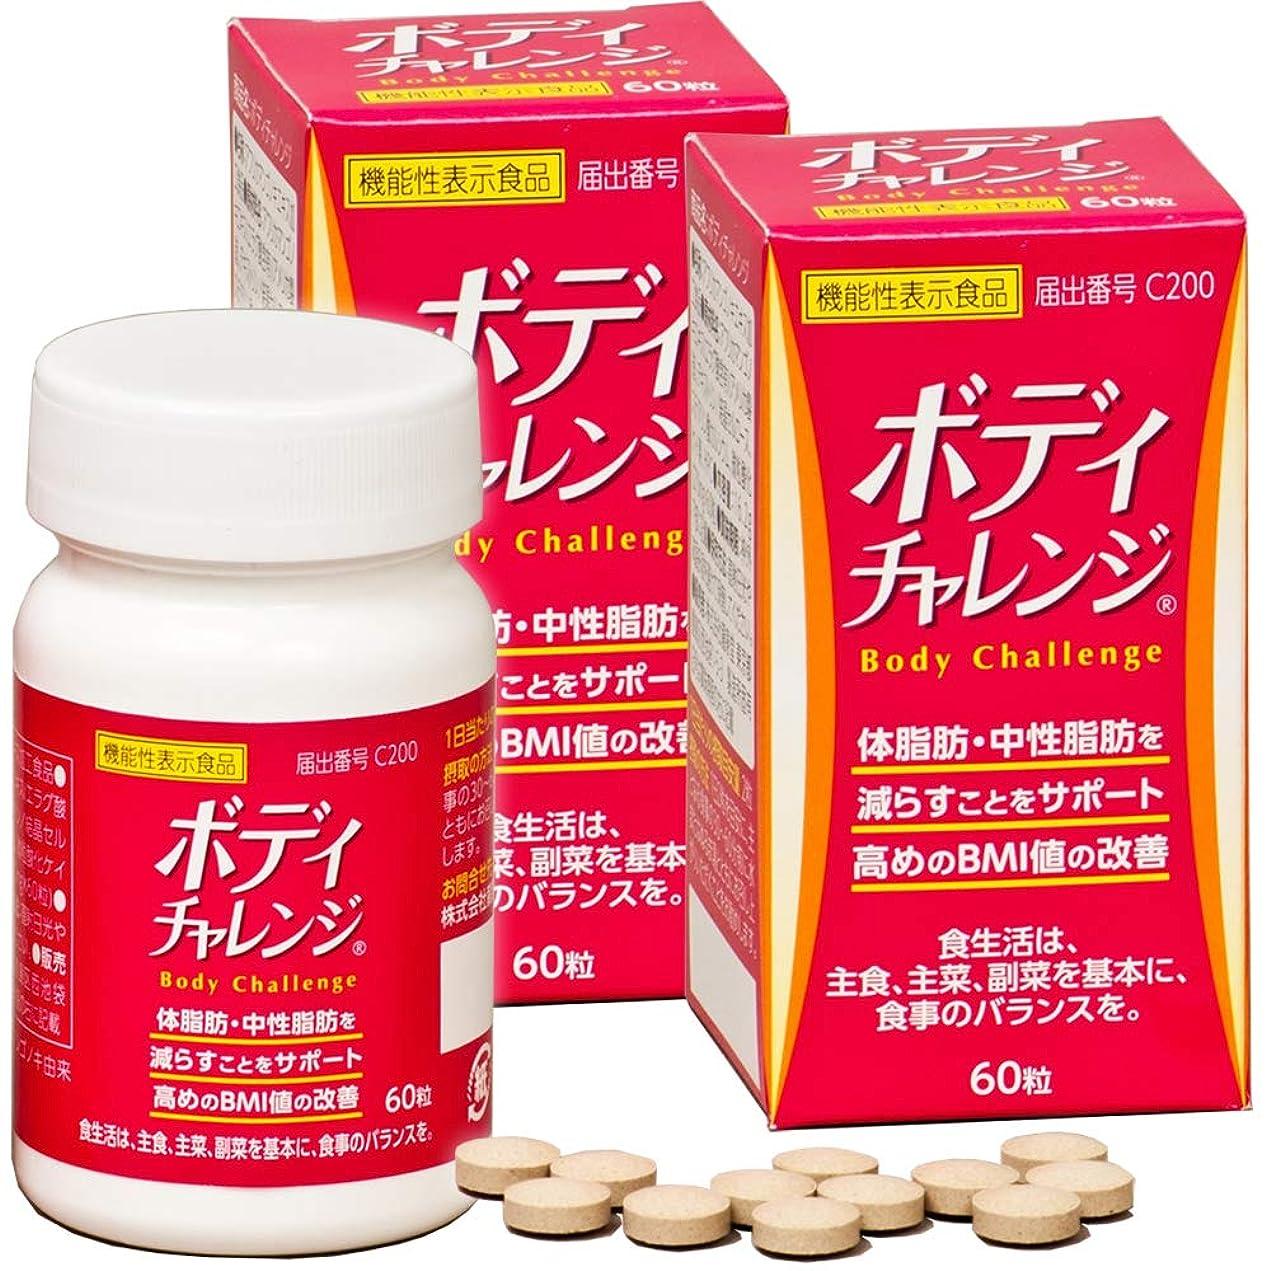 ヘロイン冷蔵する接触【 特別セット 】 ボディチャレンジ ( 機能性表示食品 ) 60粒入 × 2個